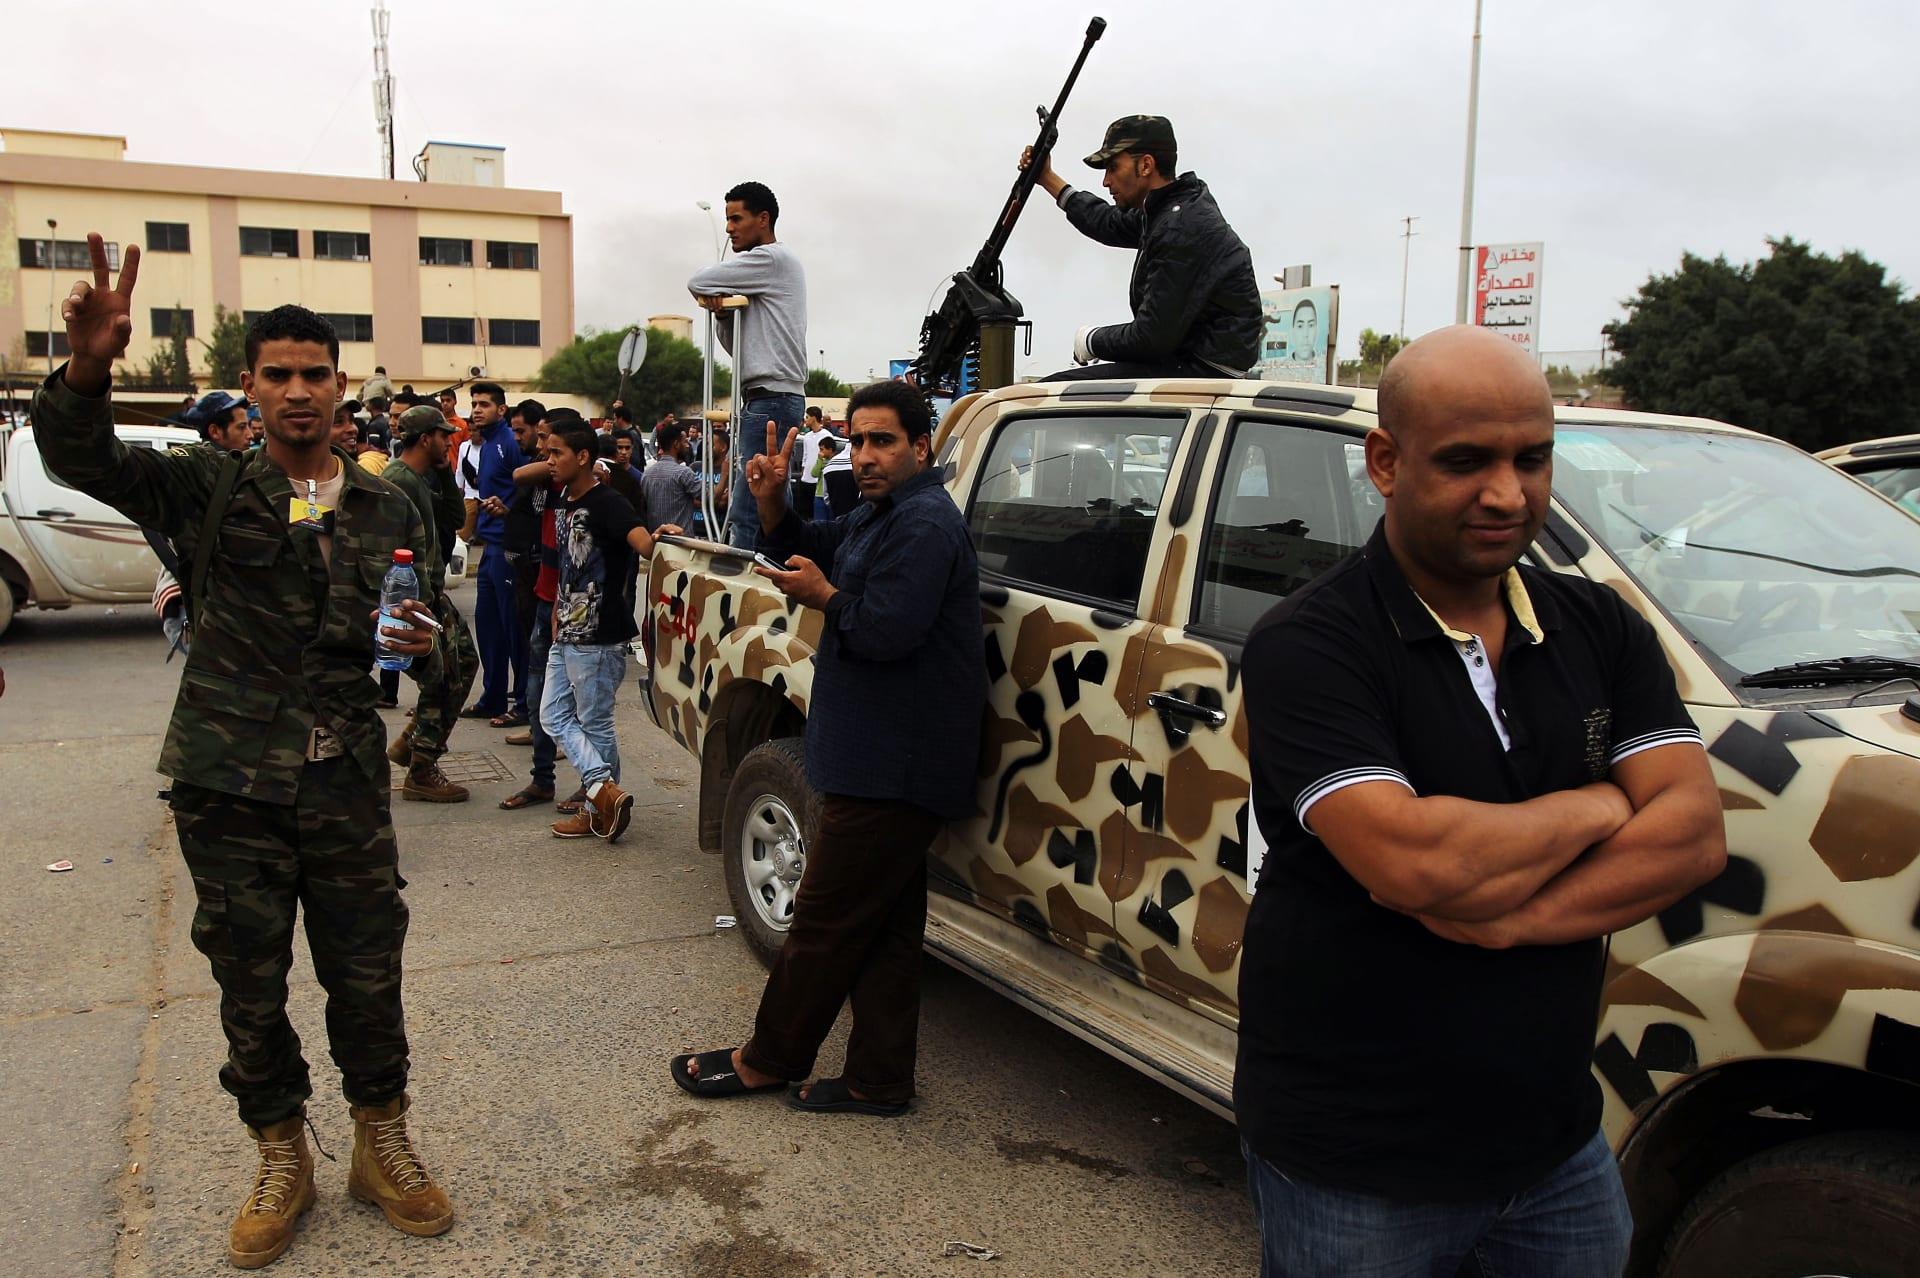 ليبيا: 3 قتلى باشتباكات بطرابلس واستنفار بالزاوية